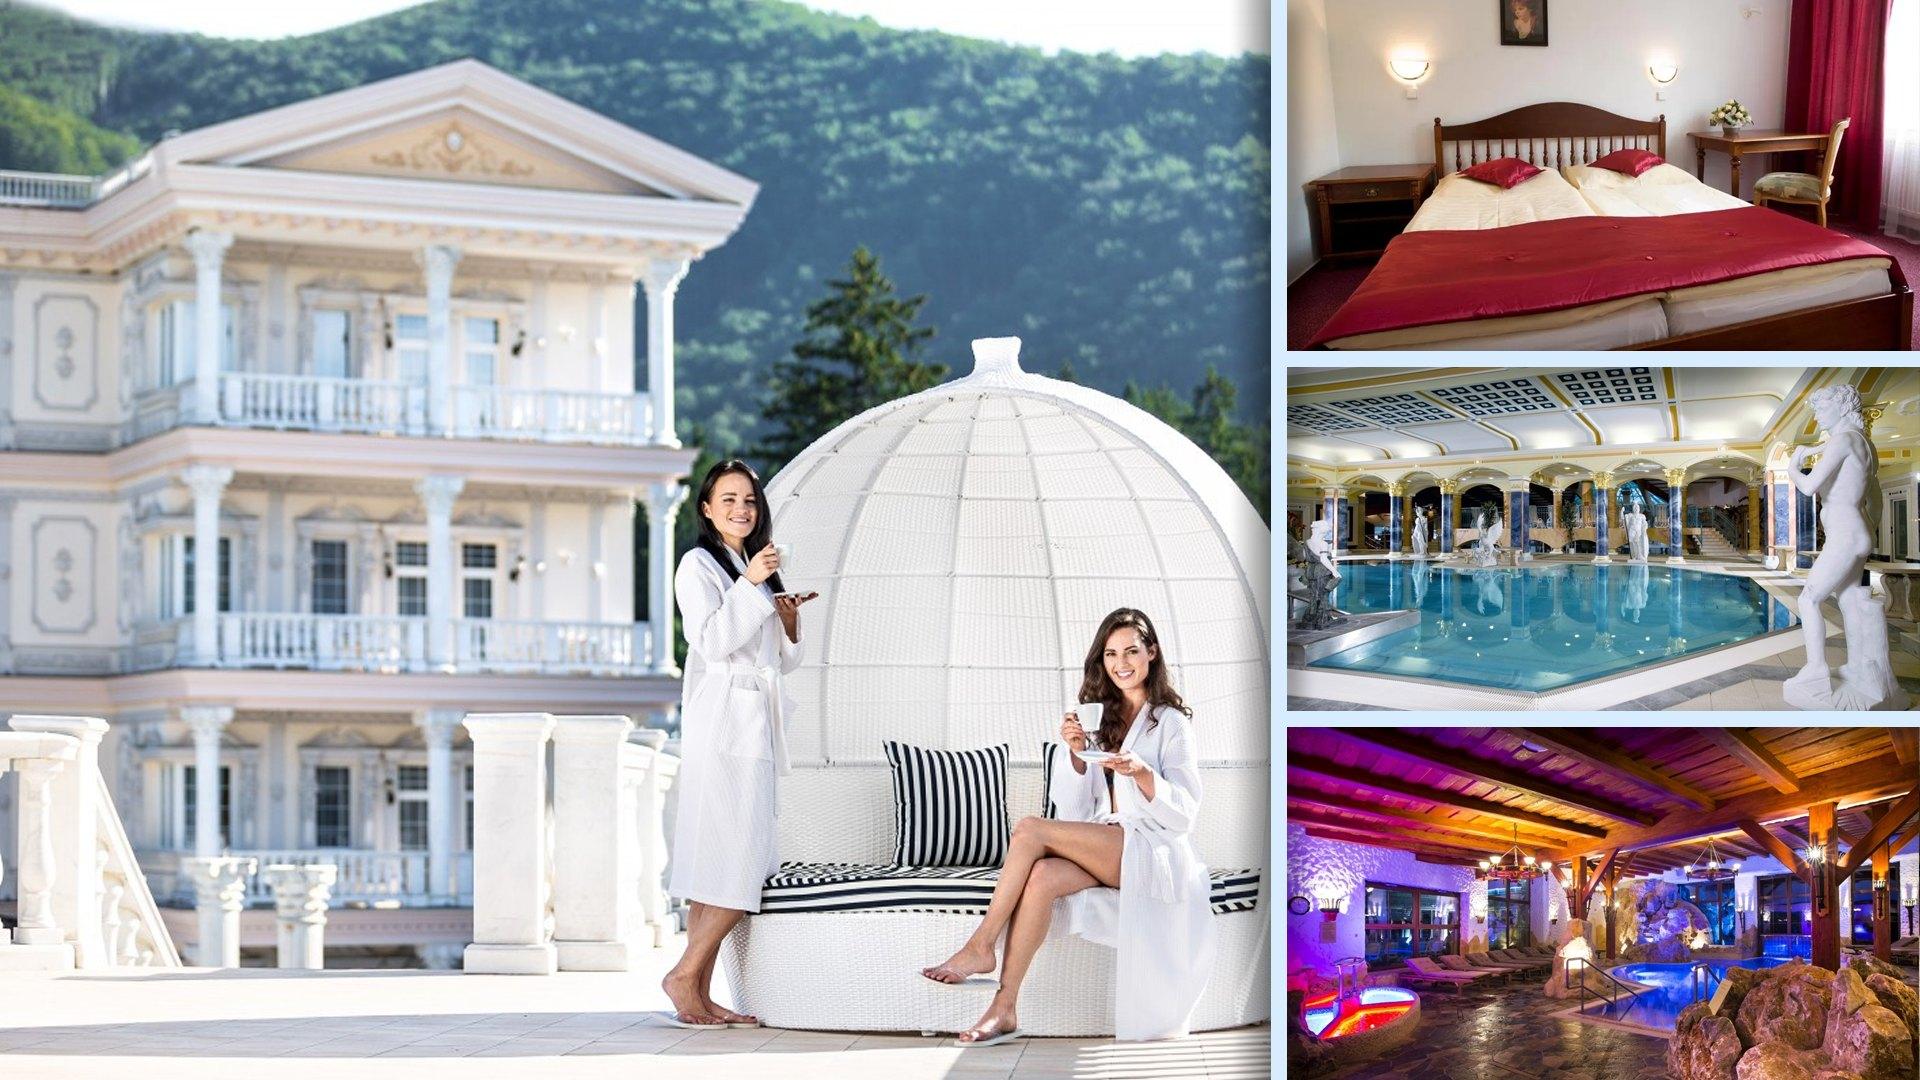 Hotel Aphrodite - Opulentní lázeňský hotel v antickém stylu